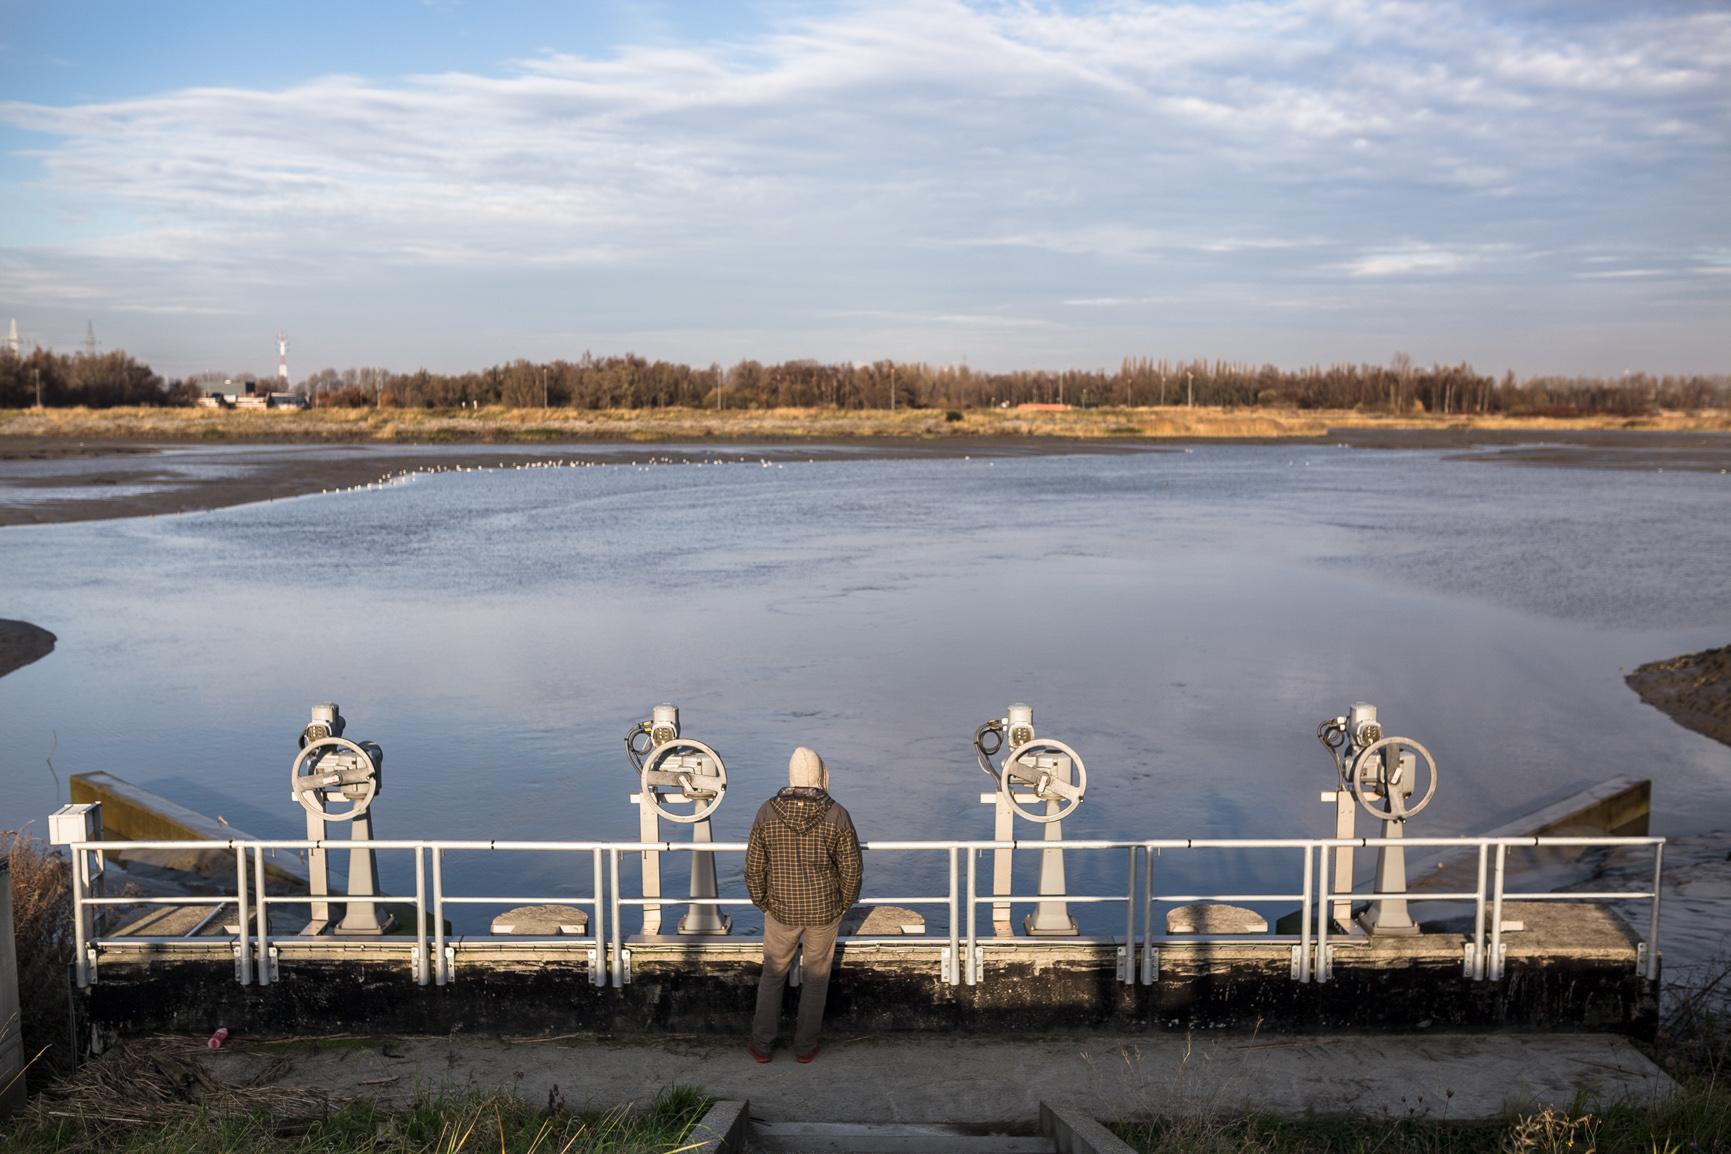 Mihkel Pukk vaatamas vee kõrvalejuhtimiseks ehitatud poldrit Antwerpenis. Foto: Renee Altrov